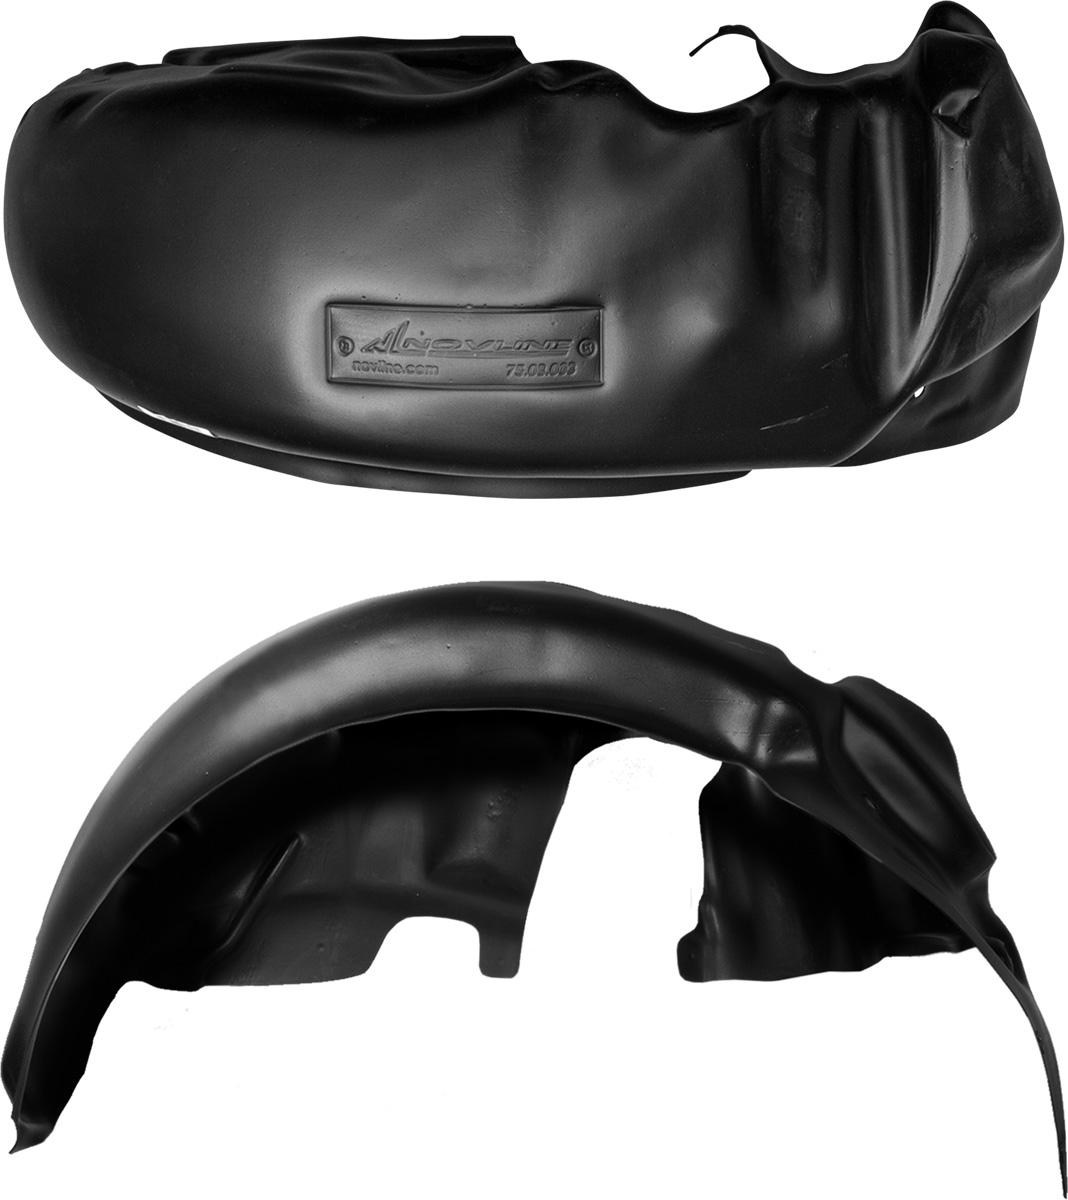 Подкрылок Novline-Autofamily, для NISSAN Juke 2WD 2010-2014, 2014-, задний правыйNLL.36.35.004Колесные ниши - одни из самых уязвимых зон днища вашего автомобиля. Они постоянно подвергаются воздействию со стороны дороги. Лучшая, почти абсолютная защита для них - специально отформованные пластиковые кожухи, которые называются подкрылками. Производятся они как для отечественных моделей автомобилей, так и для иномарок. Подкрылки Novline-Autofamily выполнены из высококачественного, экологически чистого пластика. Обеспечивают надежную защиту кузова автомобиля от пескоструйного эффекта и негативного влияния, агрессивных антигололедных реагентов. Пластик обладает более низкой теплопроводностью, чем металл, поэтому в зимний период эксплуатации использование пластиковых подкрылков позволяет лучше защитить колесные ниши от налипания снега и образования наледи. Оригинальность конструкции подчеркивает элегантность автомобиля, бережно защищает нанесенное на днище кузова антикоррозийное покрытие и позволяет осуществить крепление подкрылков внутри колесной арки практически без дополнительного крепежа и сверления, не нарушая при этом лакокрасочного покрытия, что предотвращает возникновение новых очагов коррозии. Подкрылки долговечны, обладают высокой прочностью и сохраняют заданную форму, а также все свои физико-механические характеристики в самых тяжелых климатических условиях (от -50°С до +50°С).Уважаемые клиенты!Обращаем ваше внимание, на тот факт, что подкрылок имеет форму, соответствующую модели данного автомобиля. Фото служит для визуального восприятия товара.